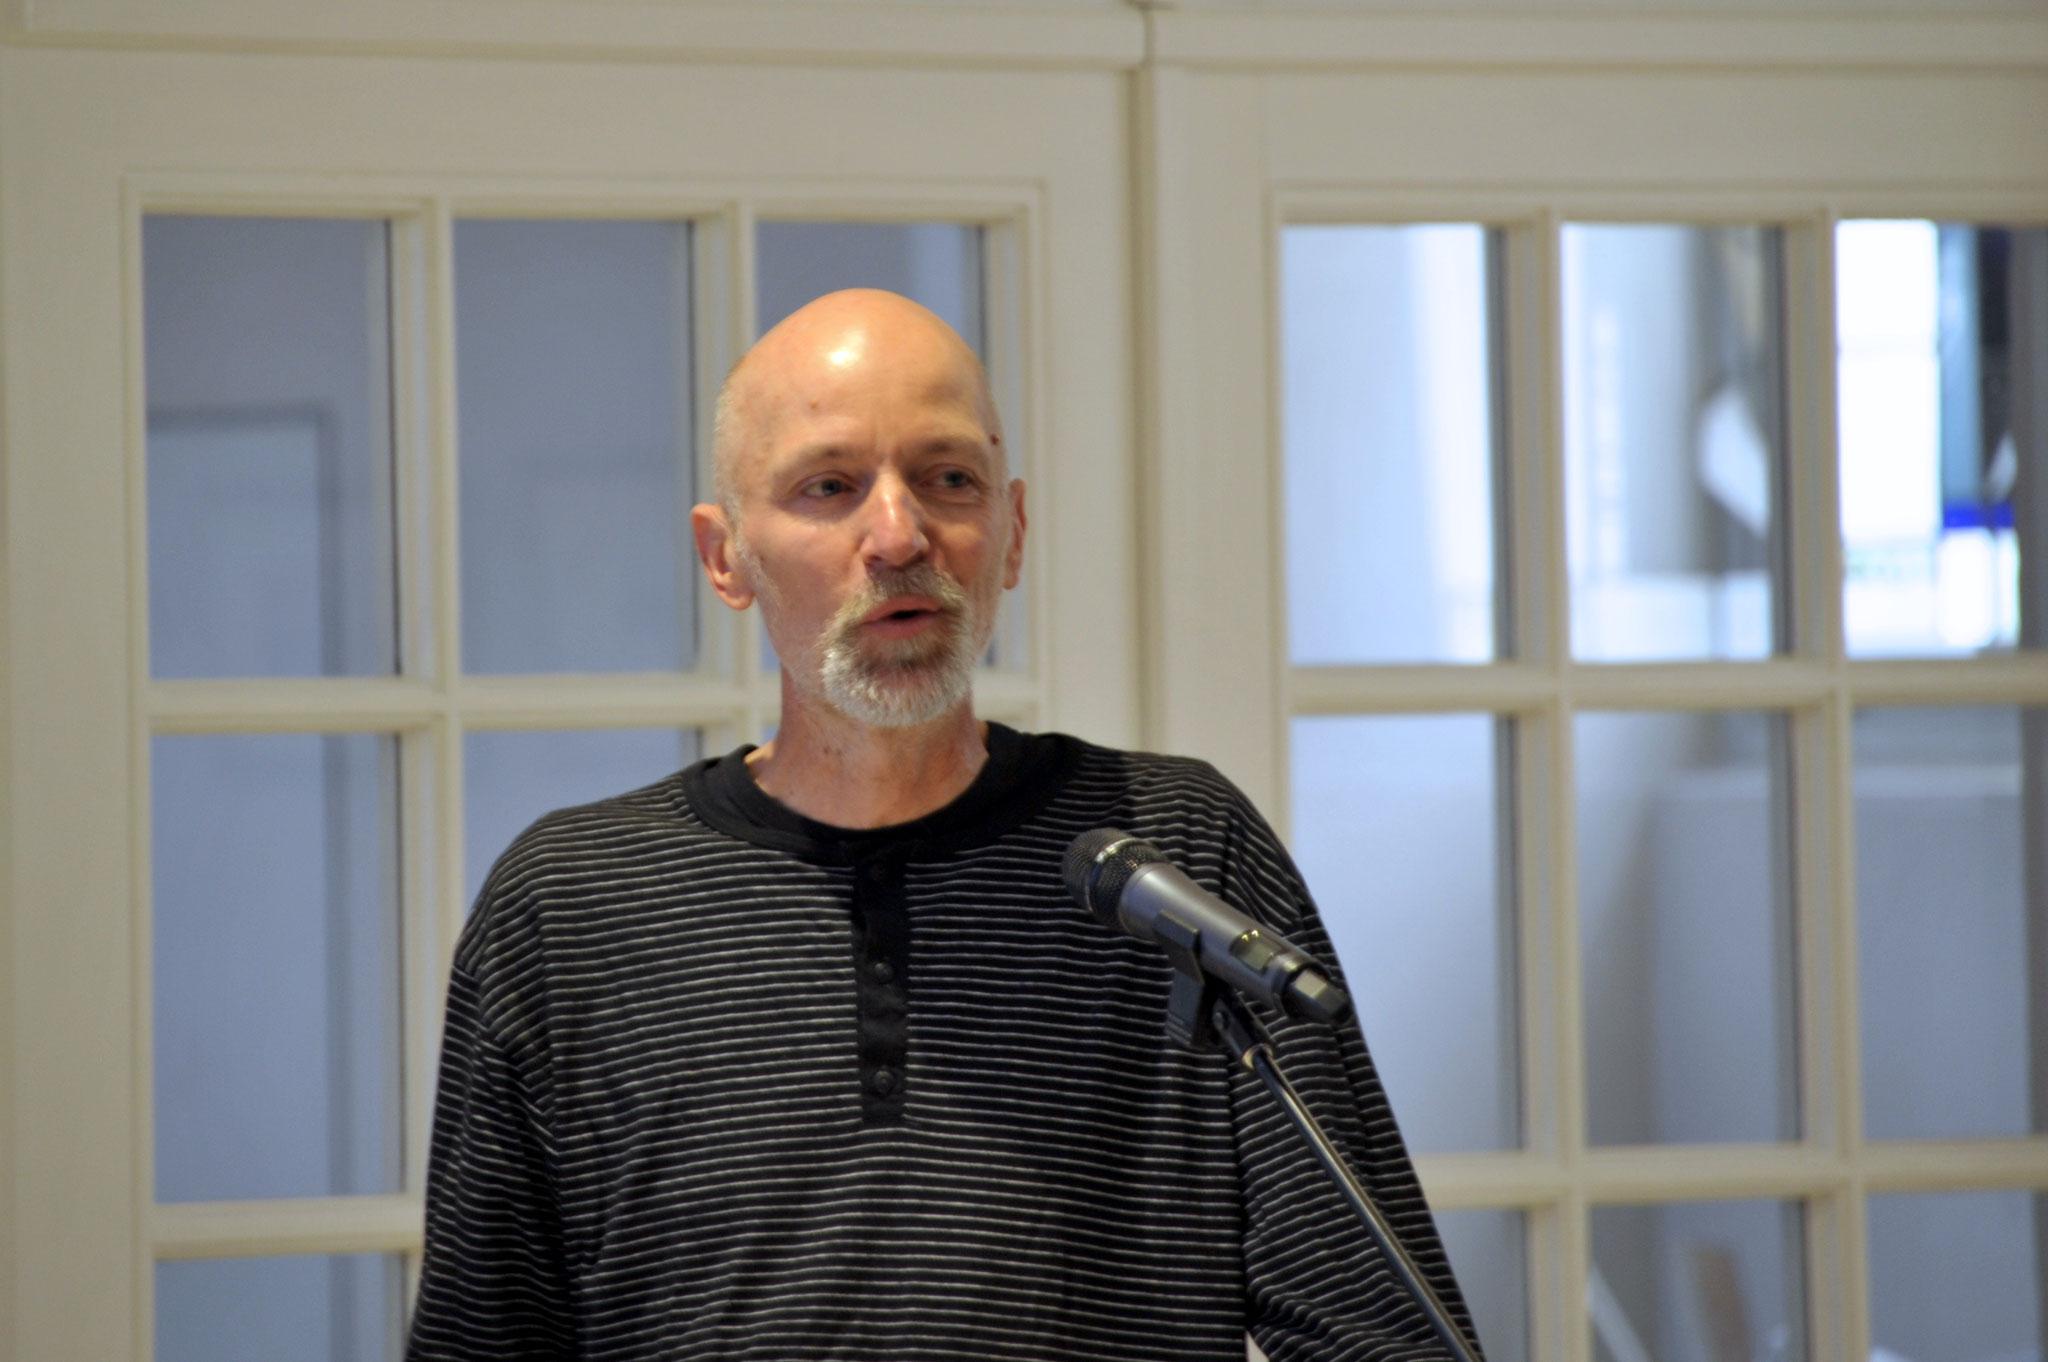 Laudator Olaf Schröder, Architekt, Lindener Baukontor